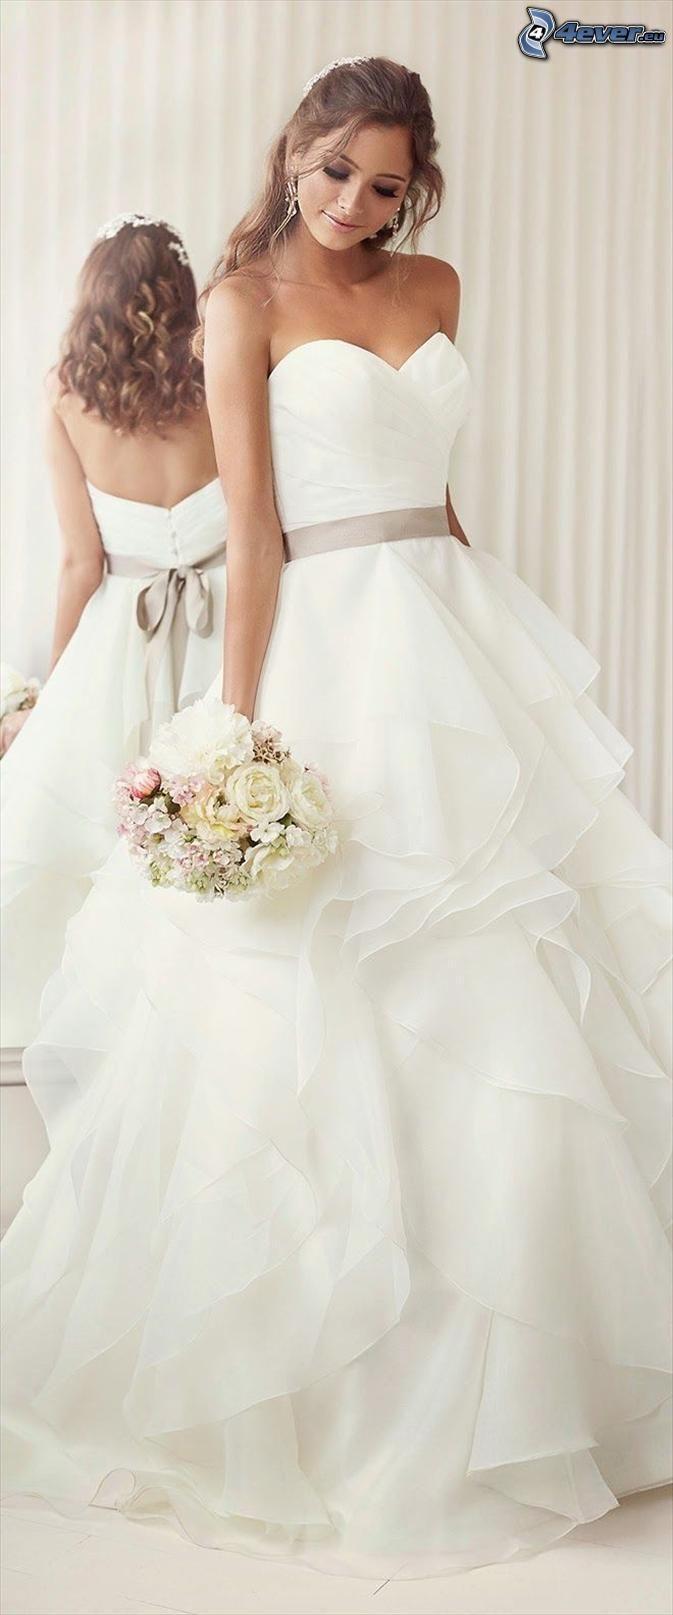 suknia ślubna, panna młoda, bukiet ślubny